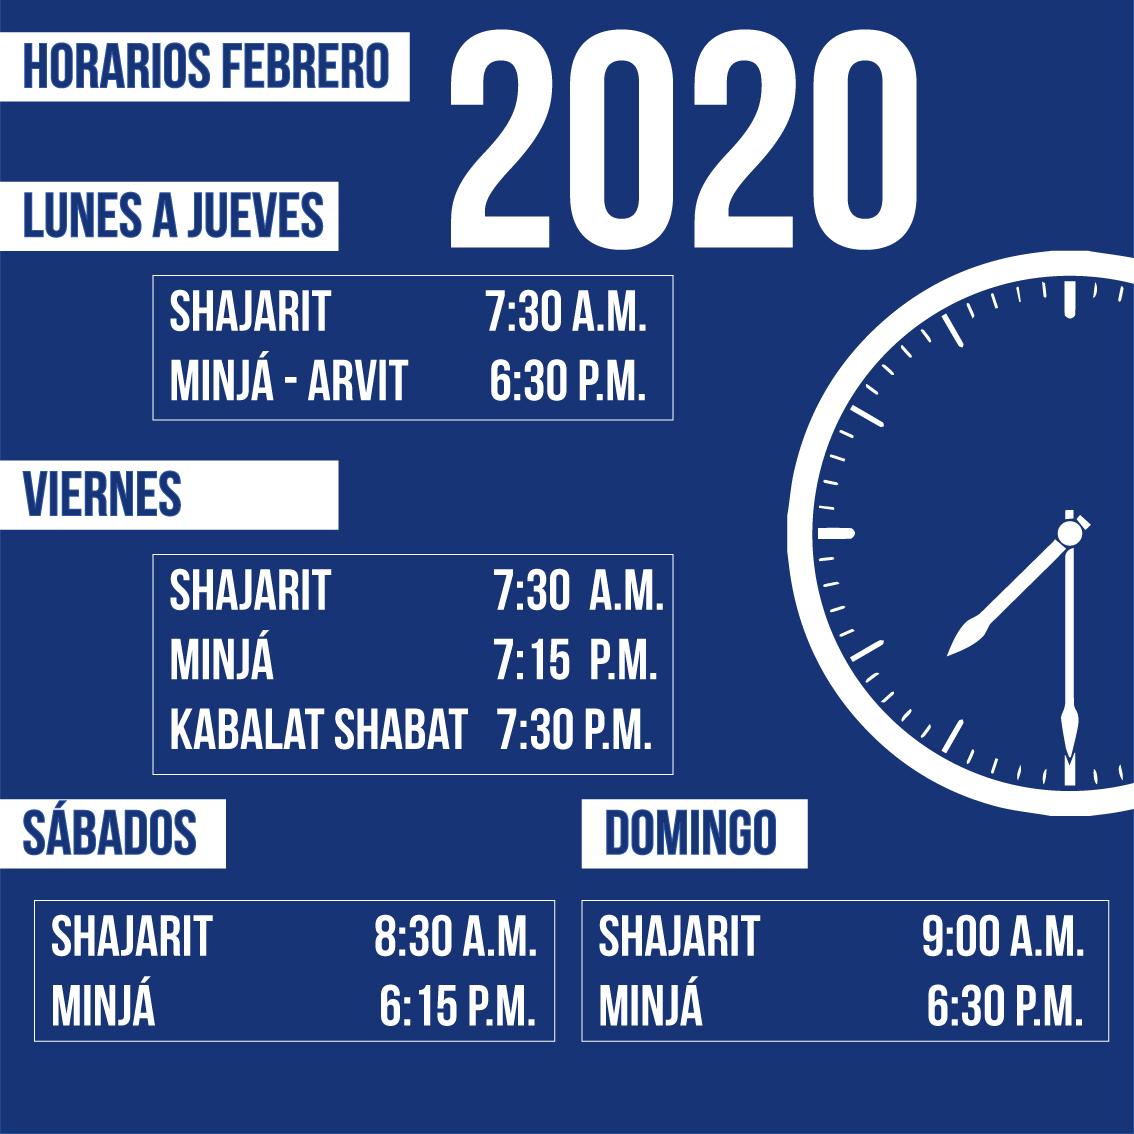 HORARIOS-NUEVO-FEBRERO-2020-NEWS